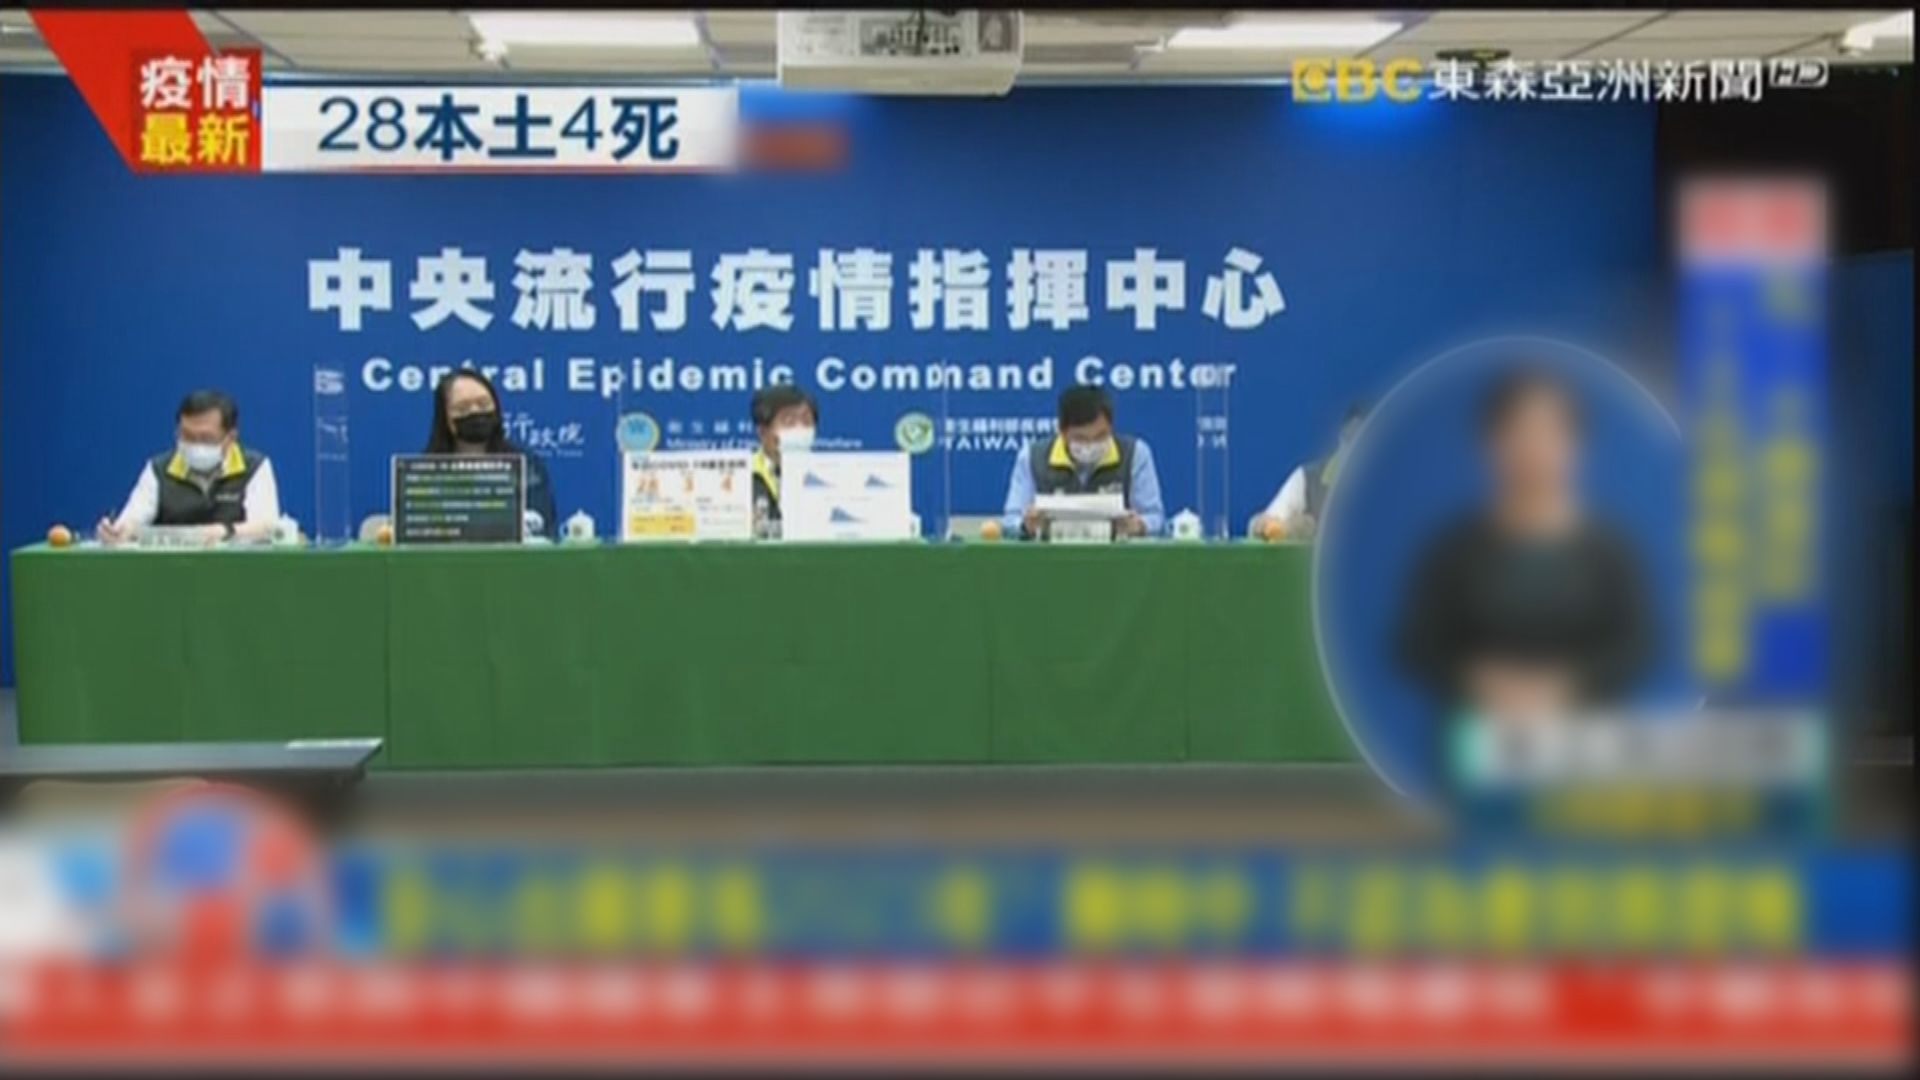 台灣疫情趨向緩和 增28宗本土確診4人死亡